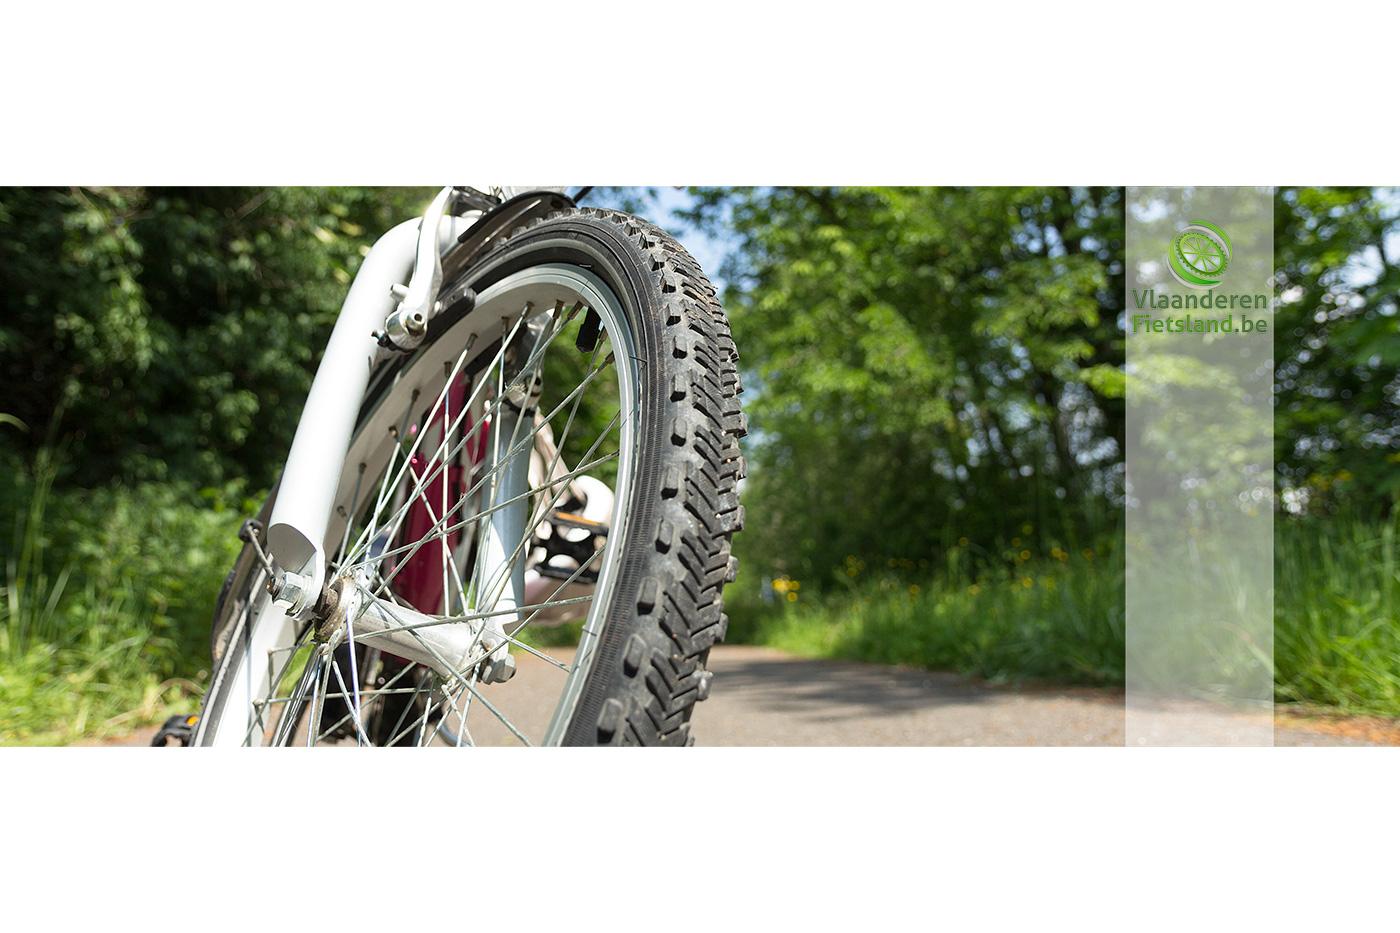 Koen Derweduwe - advertentie fietsroutes I